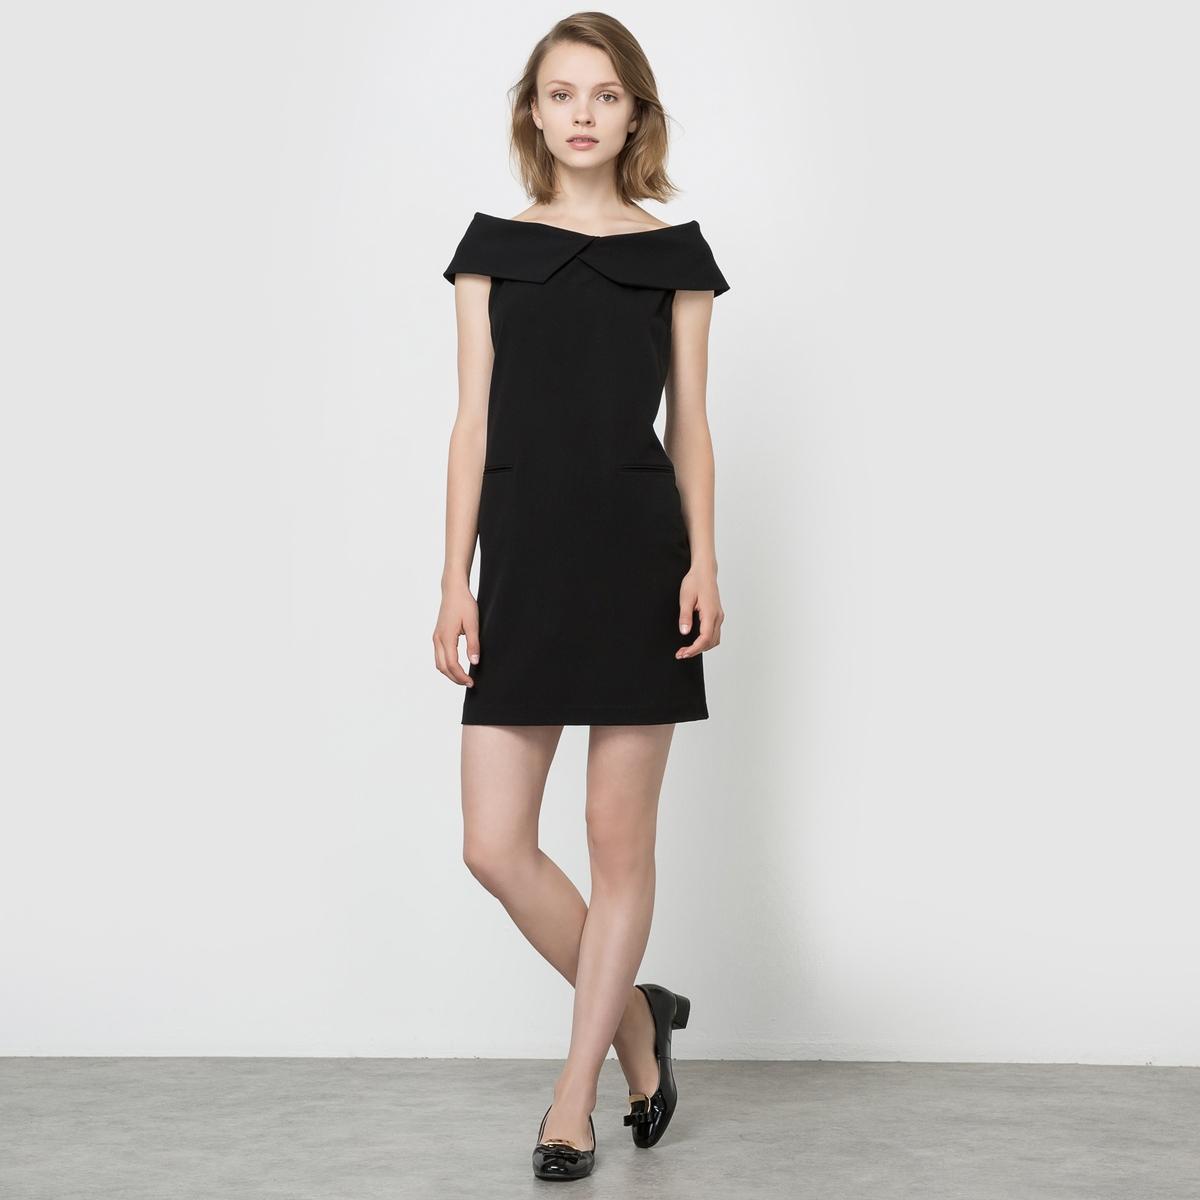 Платье с открытыми плечами и карманамиСостав и описаниеМарка: SEE U SOON.Материал: 65% полиэстера, 30% вискозы, 5% эластана. Подкладка из 100% хлопка.<br><br>Цвет: черный